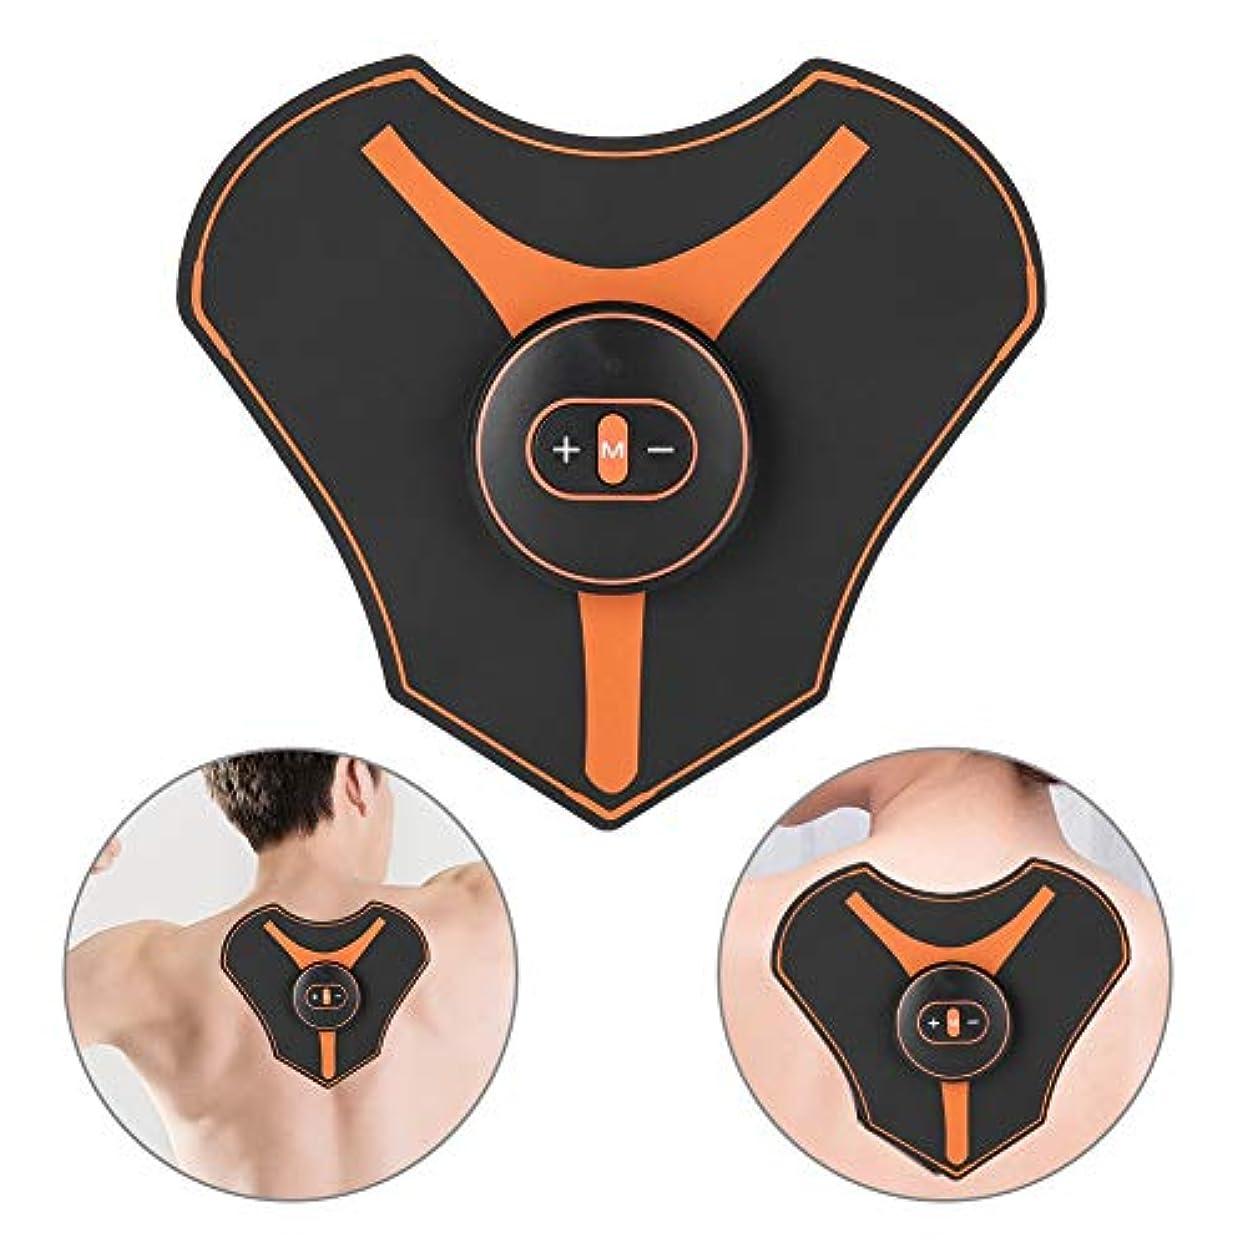 確率キャンセル知り合いになる頸部マッサージパッド、ミニ頸部マッサージャー多機能ショルダーネックマッサージパッド頸椎は、肩、背中、足、足、体の筋肉痛のためにリラックスします